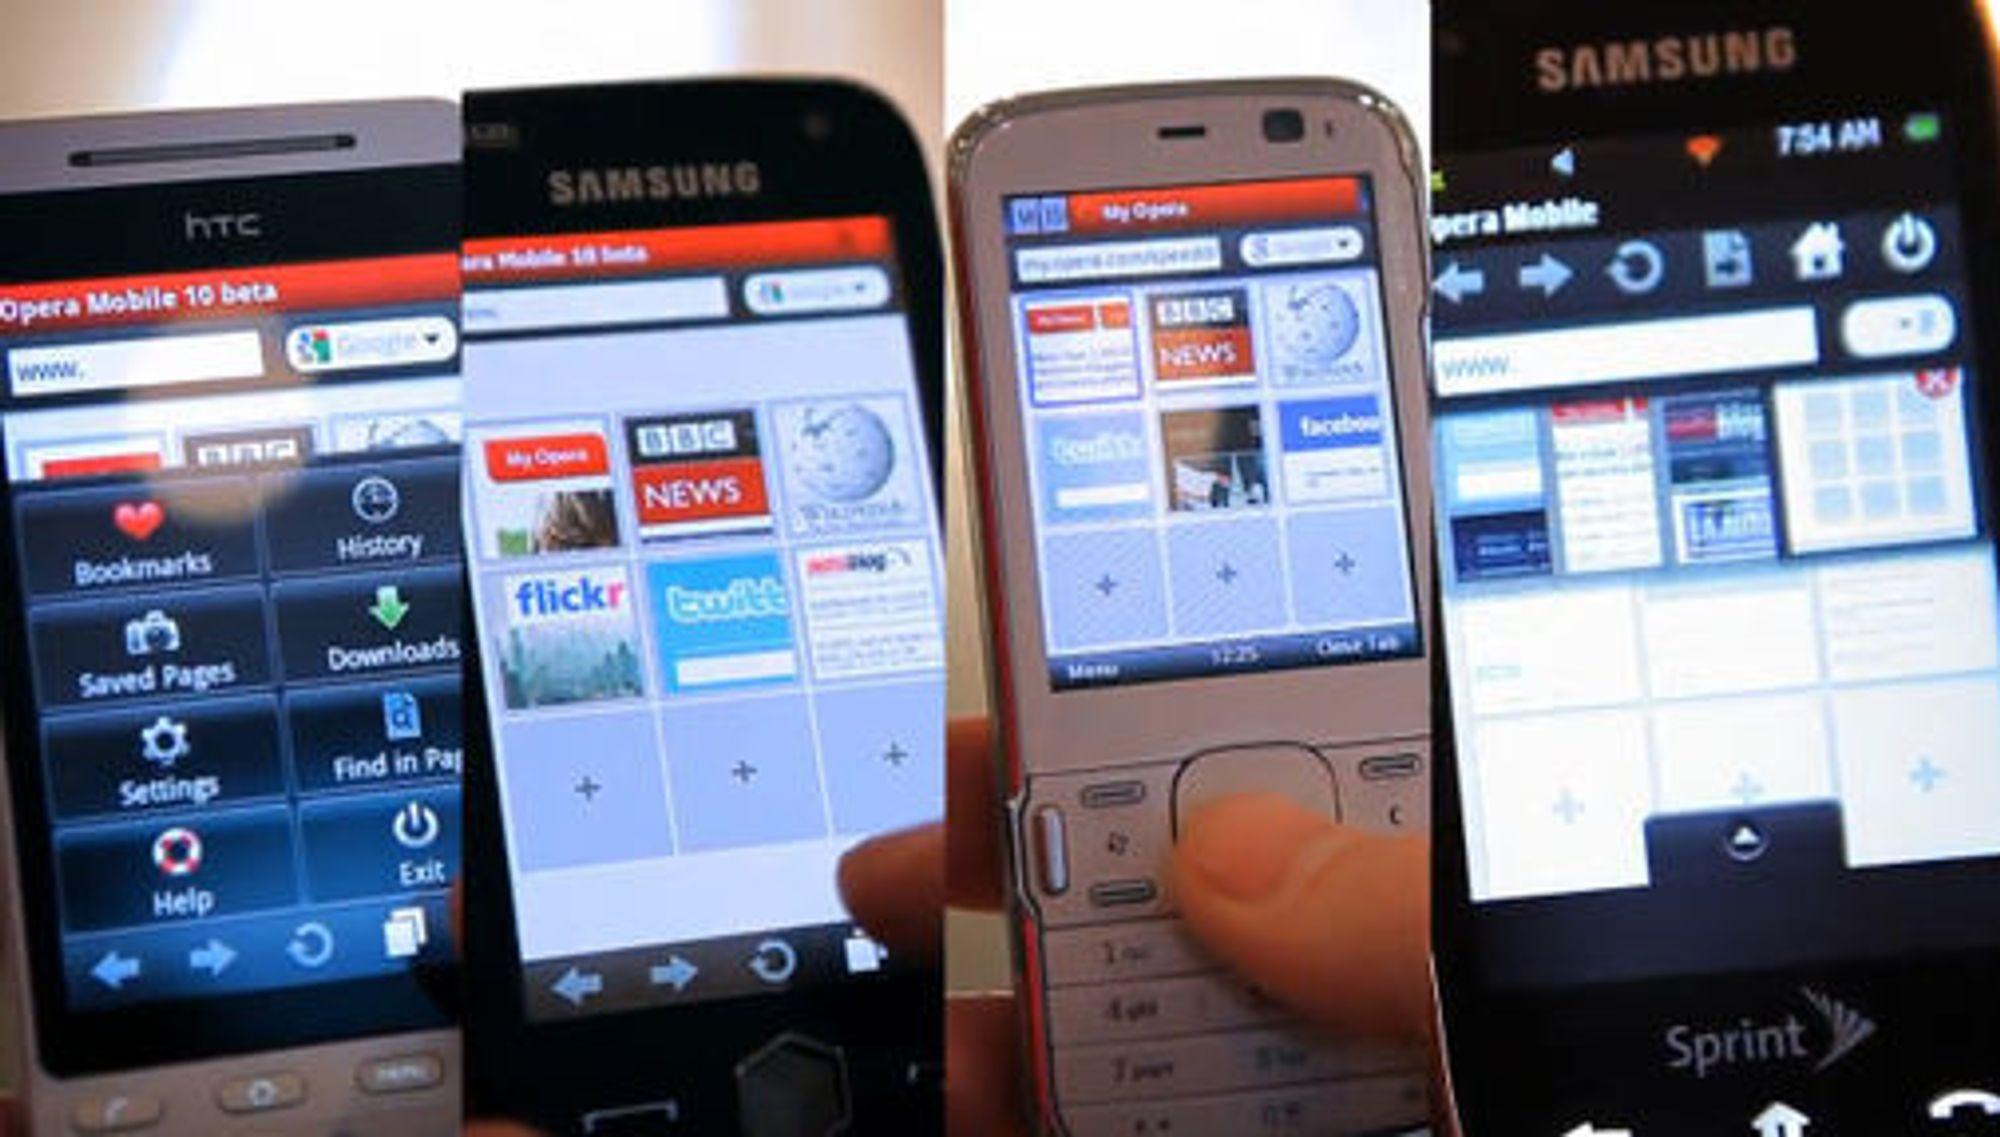 Opera Mobile 10 med samme brukergrensesnitt på fire ulike mobilplattformer.